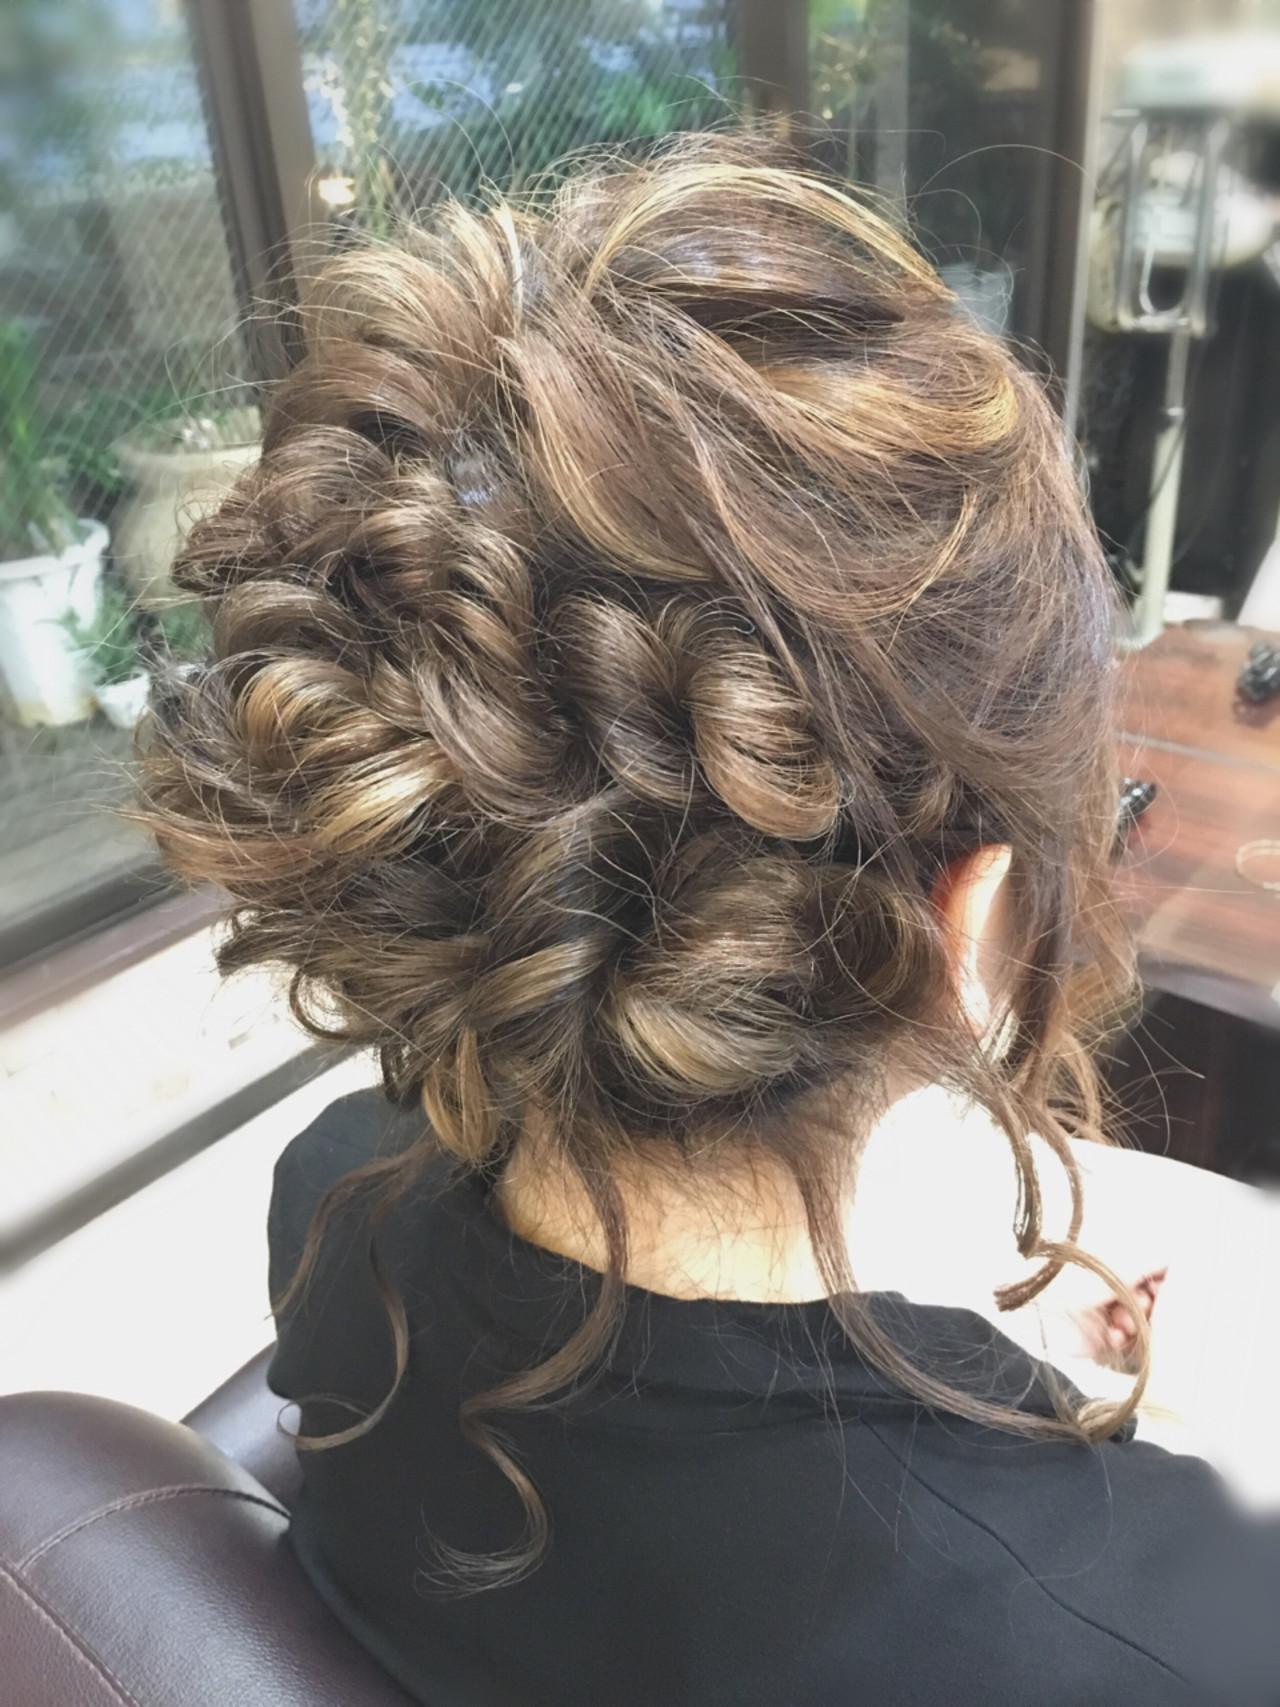 くるりんぱ セミロング 編み込み ロープ編み ヘアスタイルや髪型の写真・画像